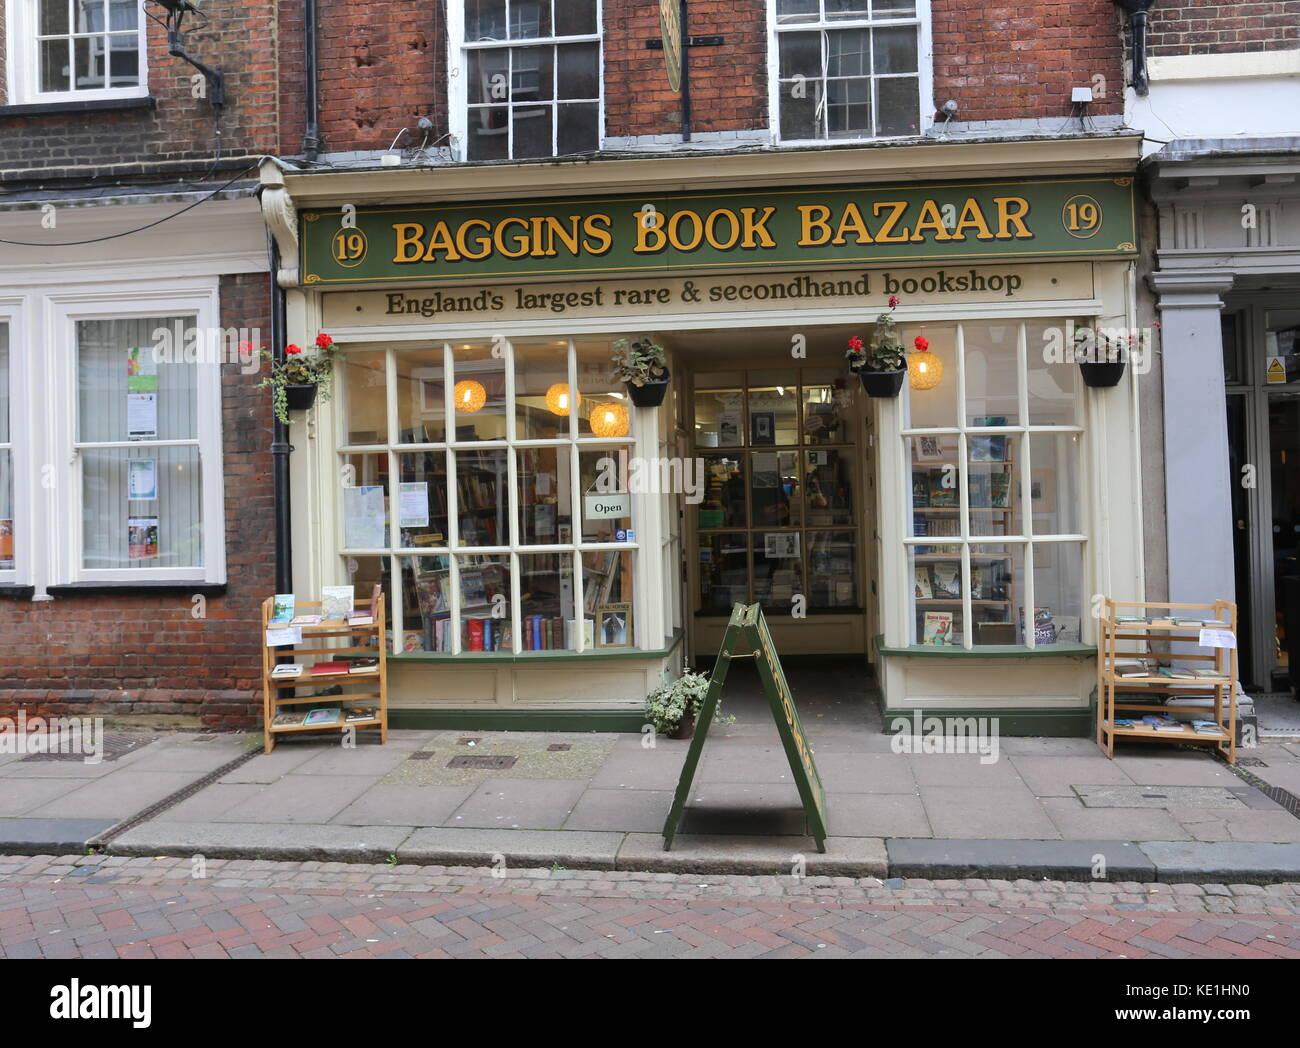 English bazaar stock photos english bazaar stock images - Rochester home and garden show 2017 ...